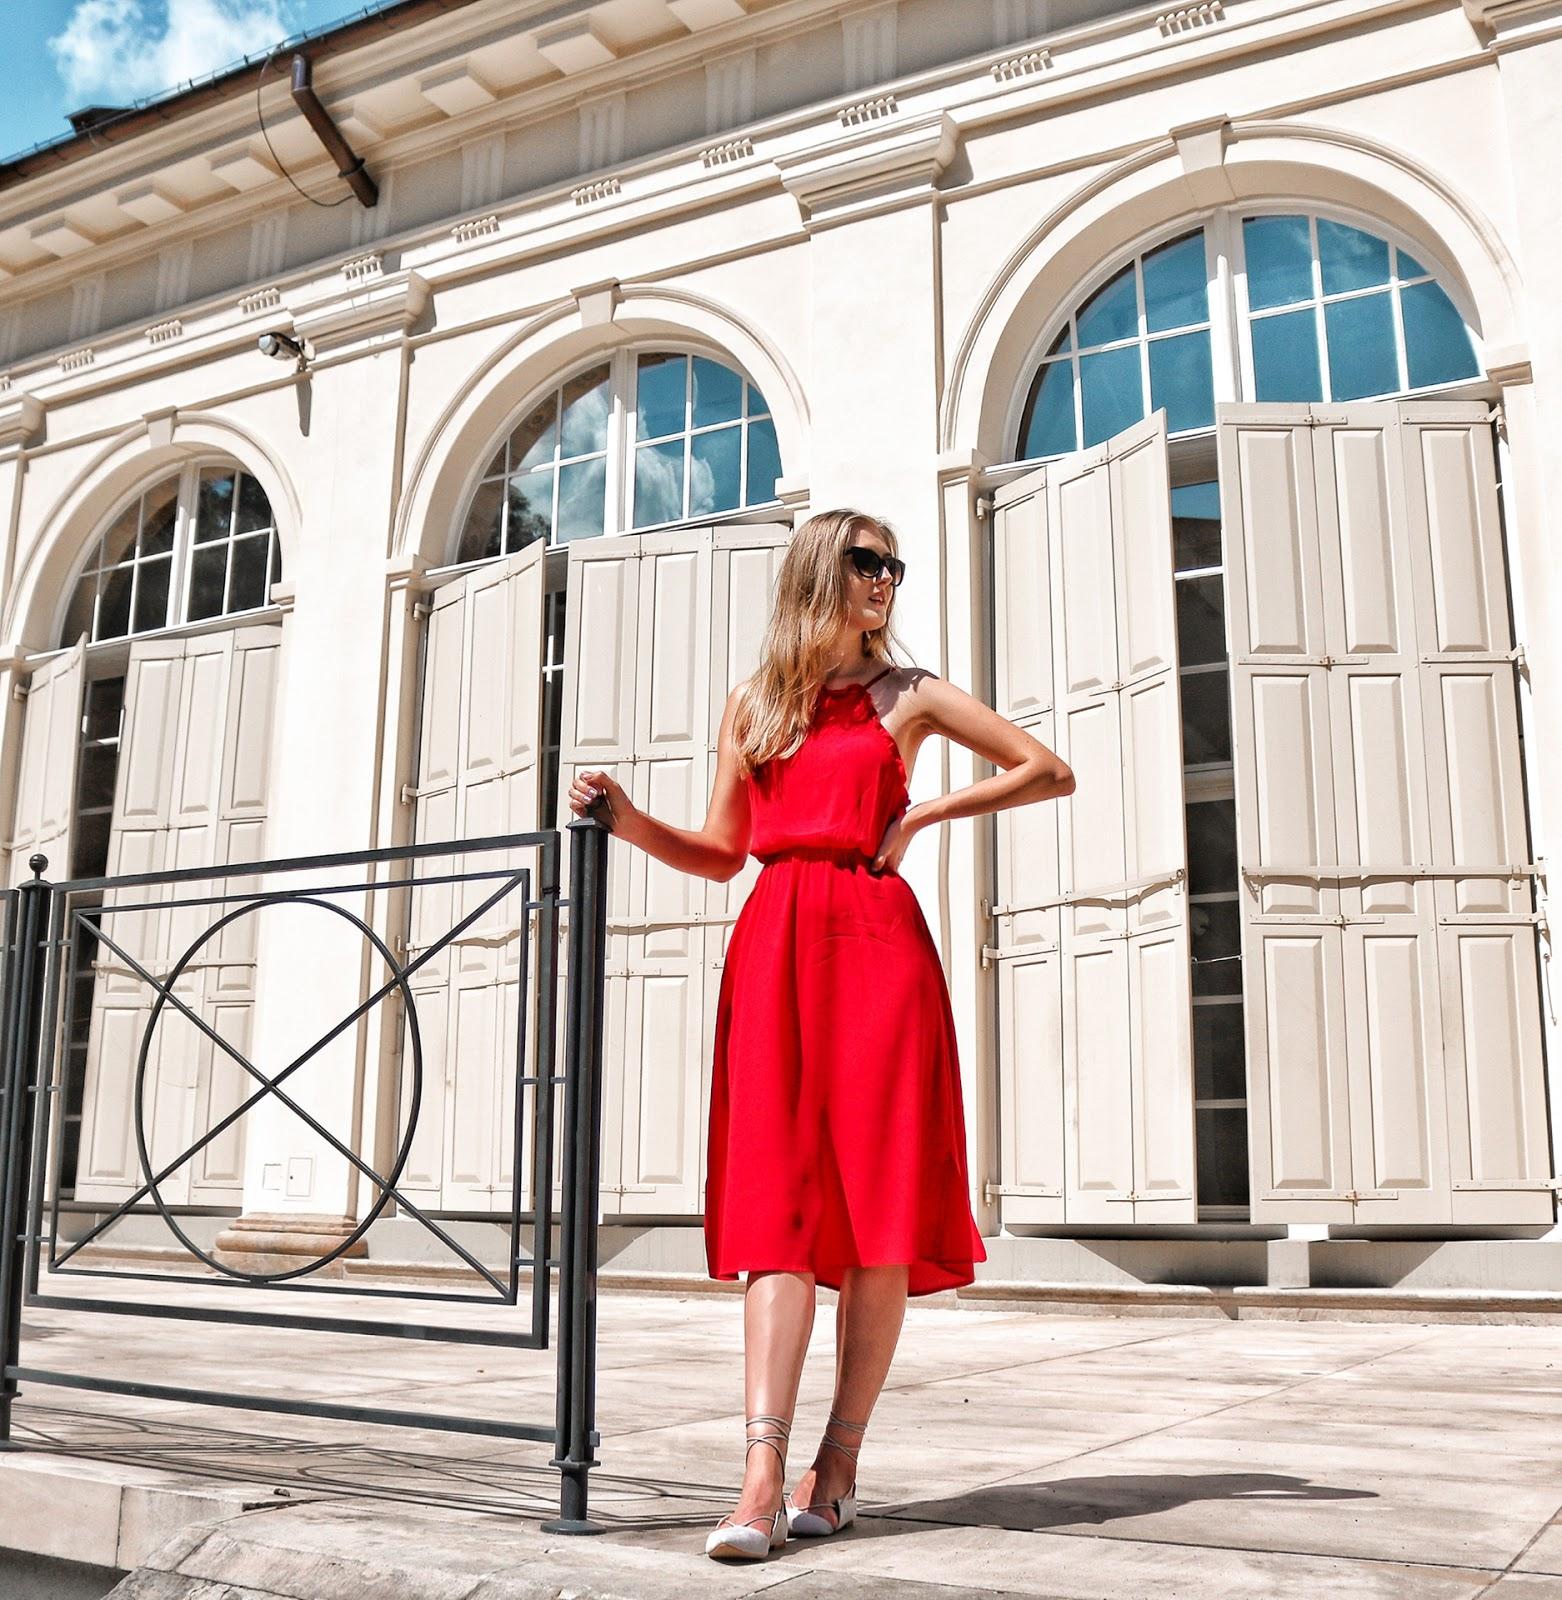 Dlaczego warto nosić sukienki? | Przegląd wakacyjnych sukienek od NAKD